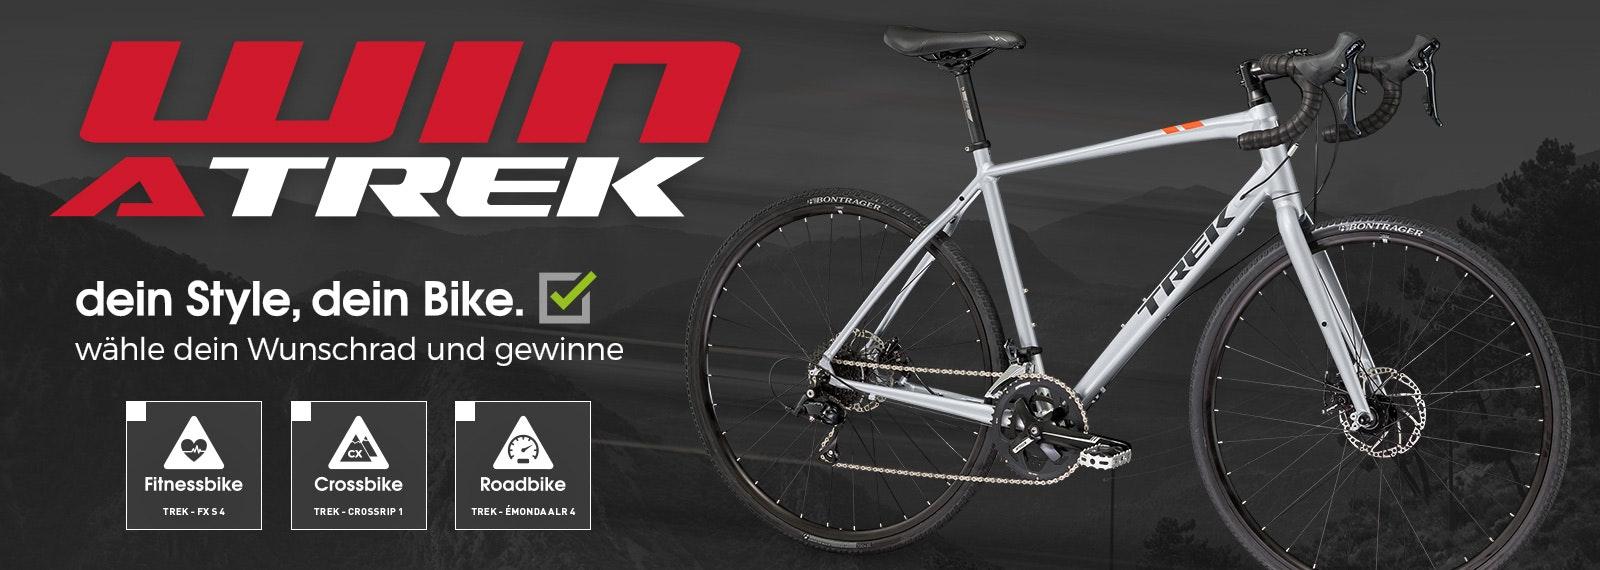 Trek Fahrrad Gewinnspiel mit 3x-Chance   BikeExchange